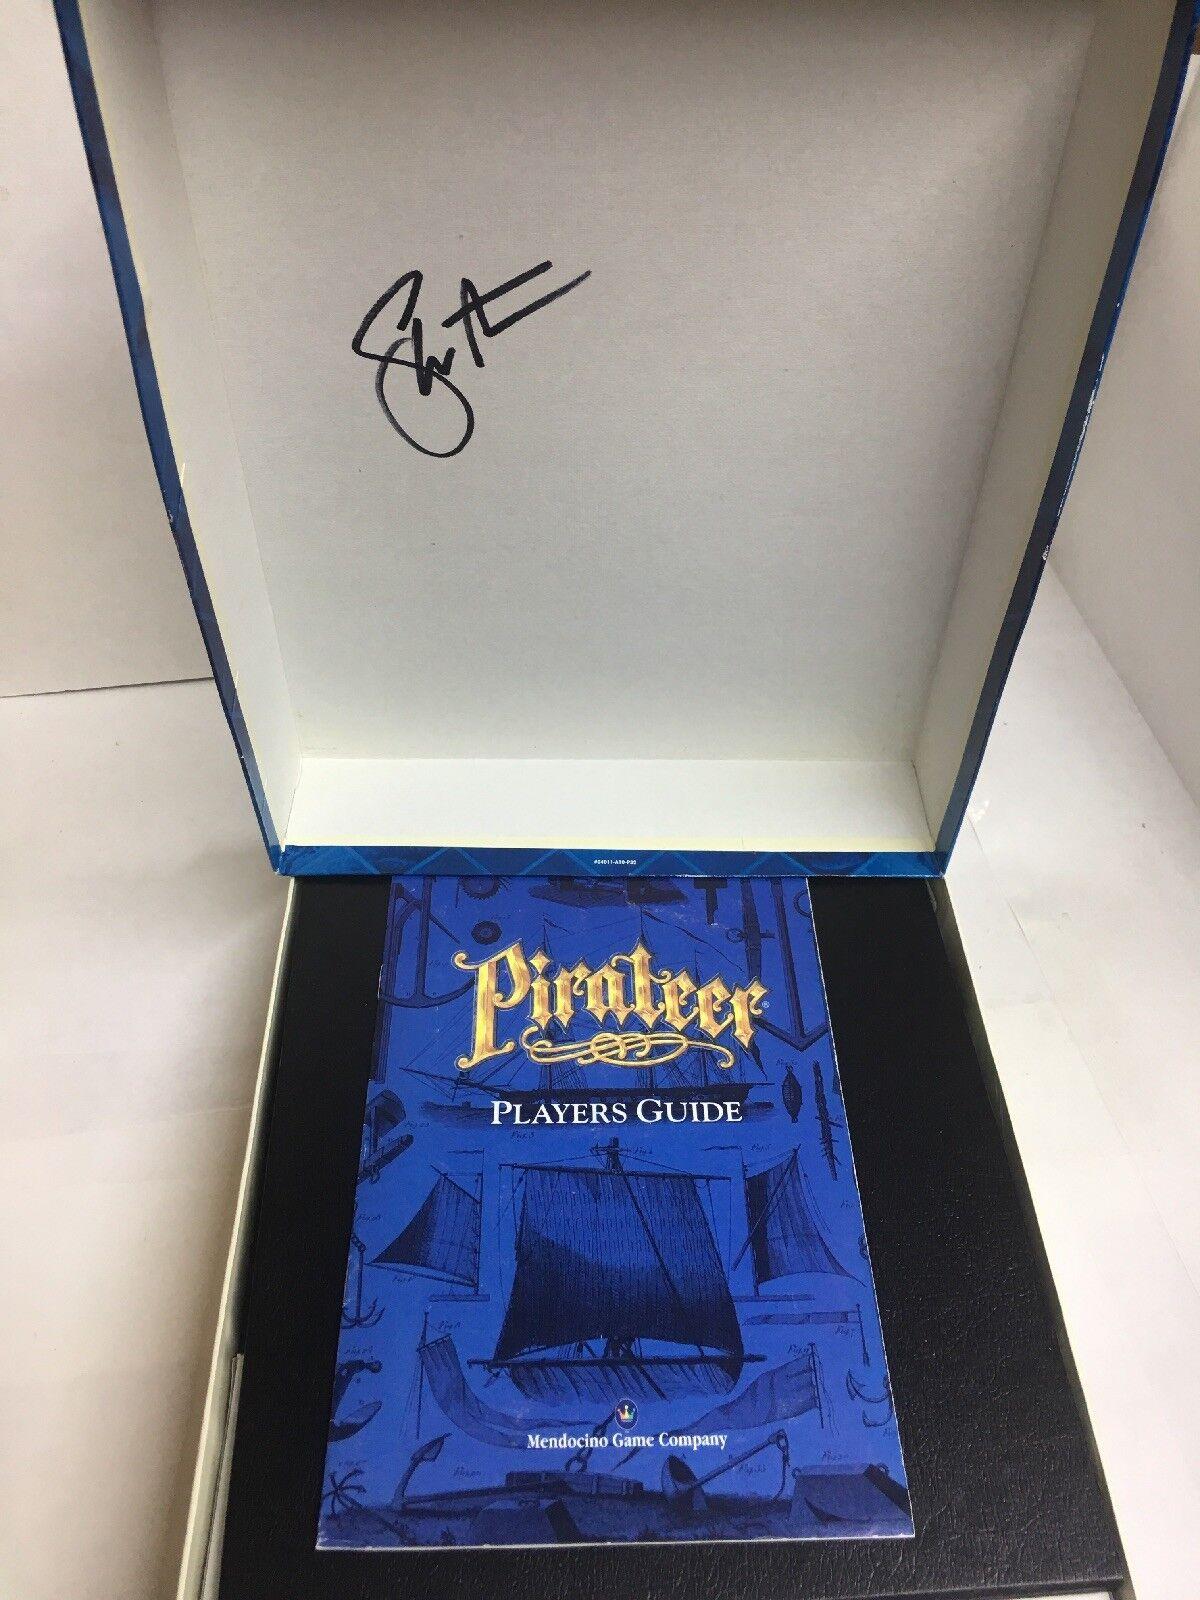 Pirateer (1994, empresa de juego mendocino) - Completo firmado Raro Juego De Mesa Usado En Excelente Condición